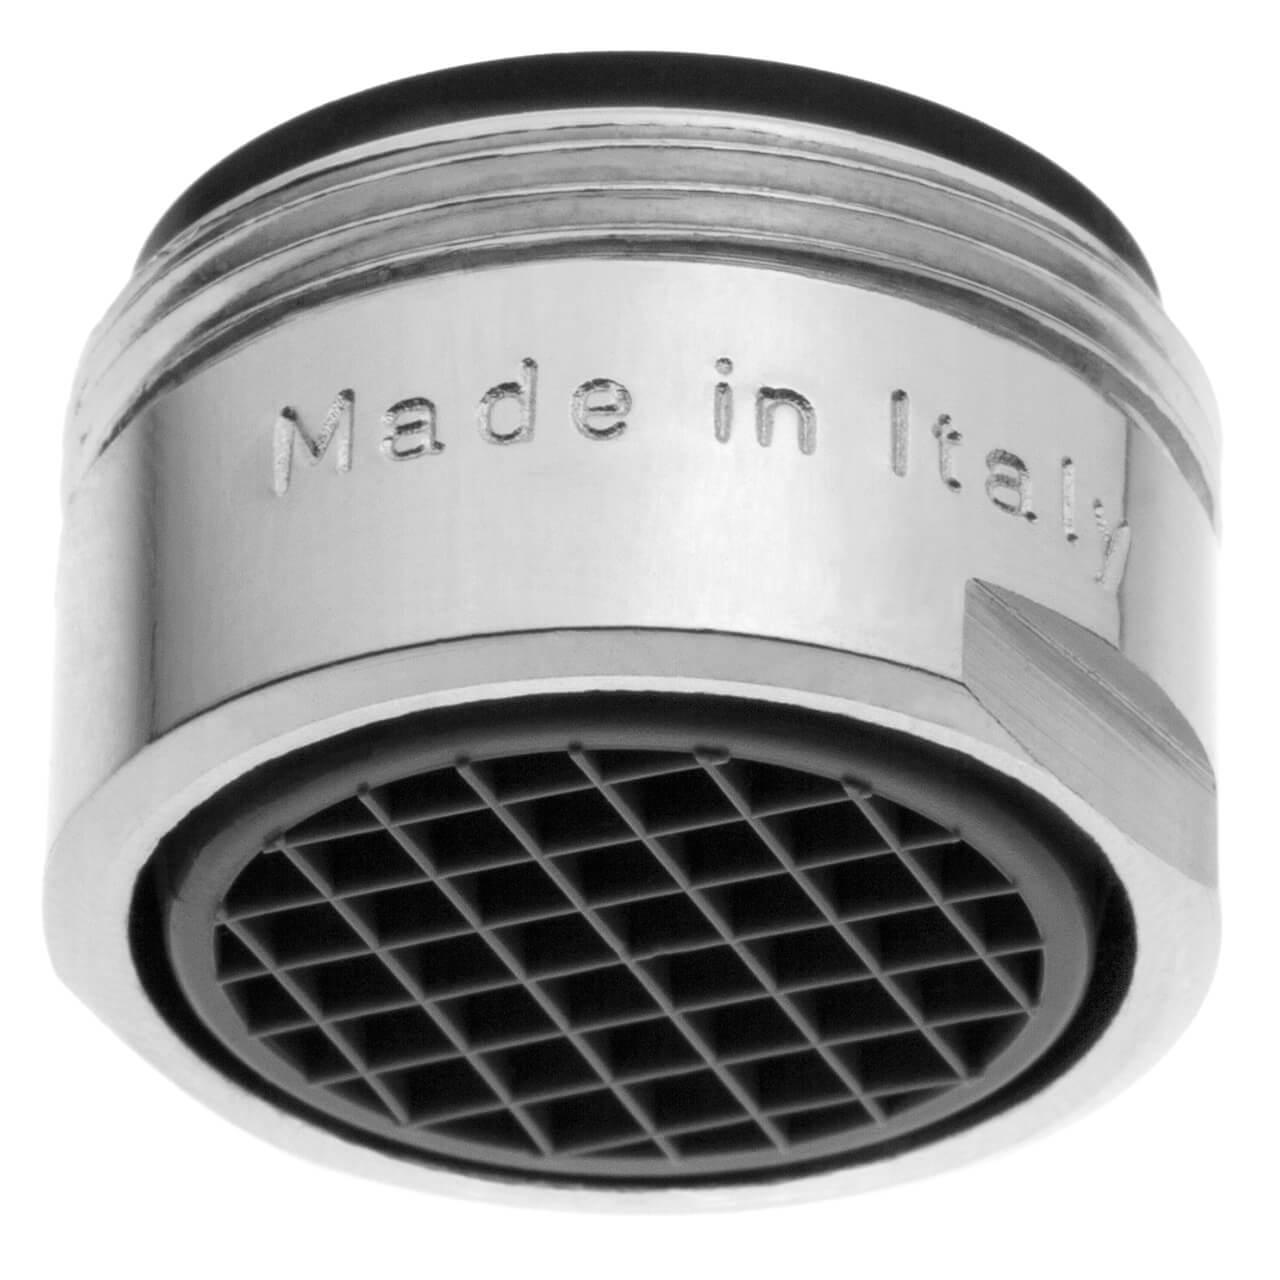 Strahlregler Terla FreeLime 4.5 l/min - Gewinde M24x1 äußerer - beliebtesten